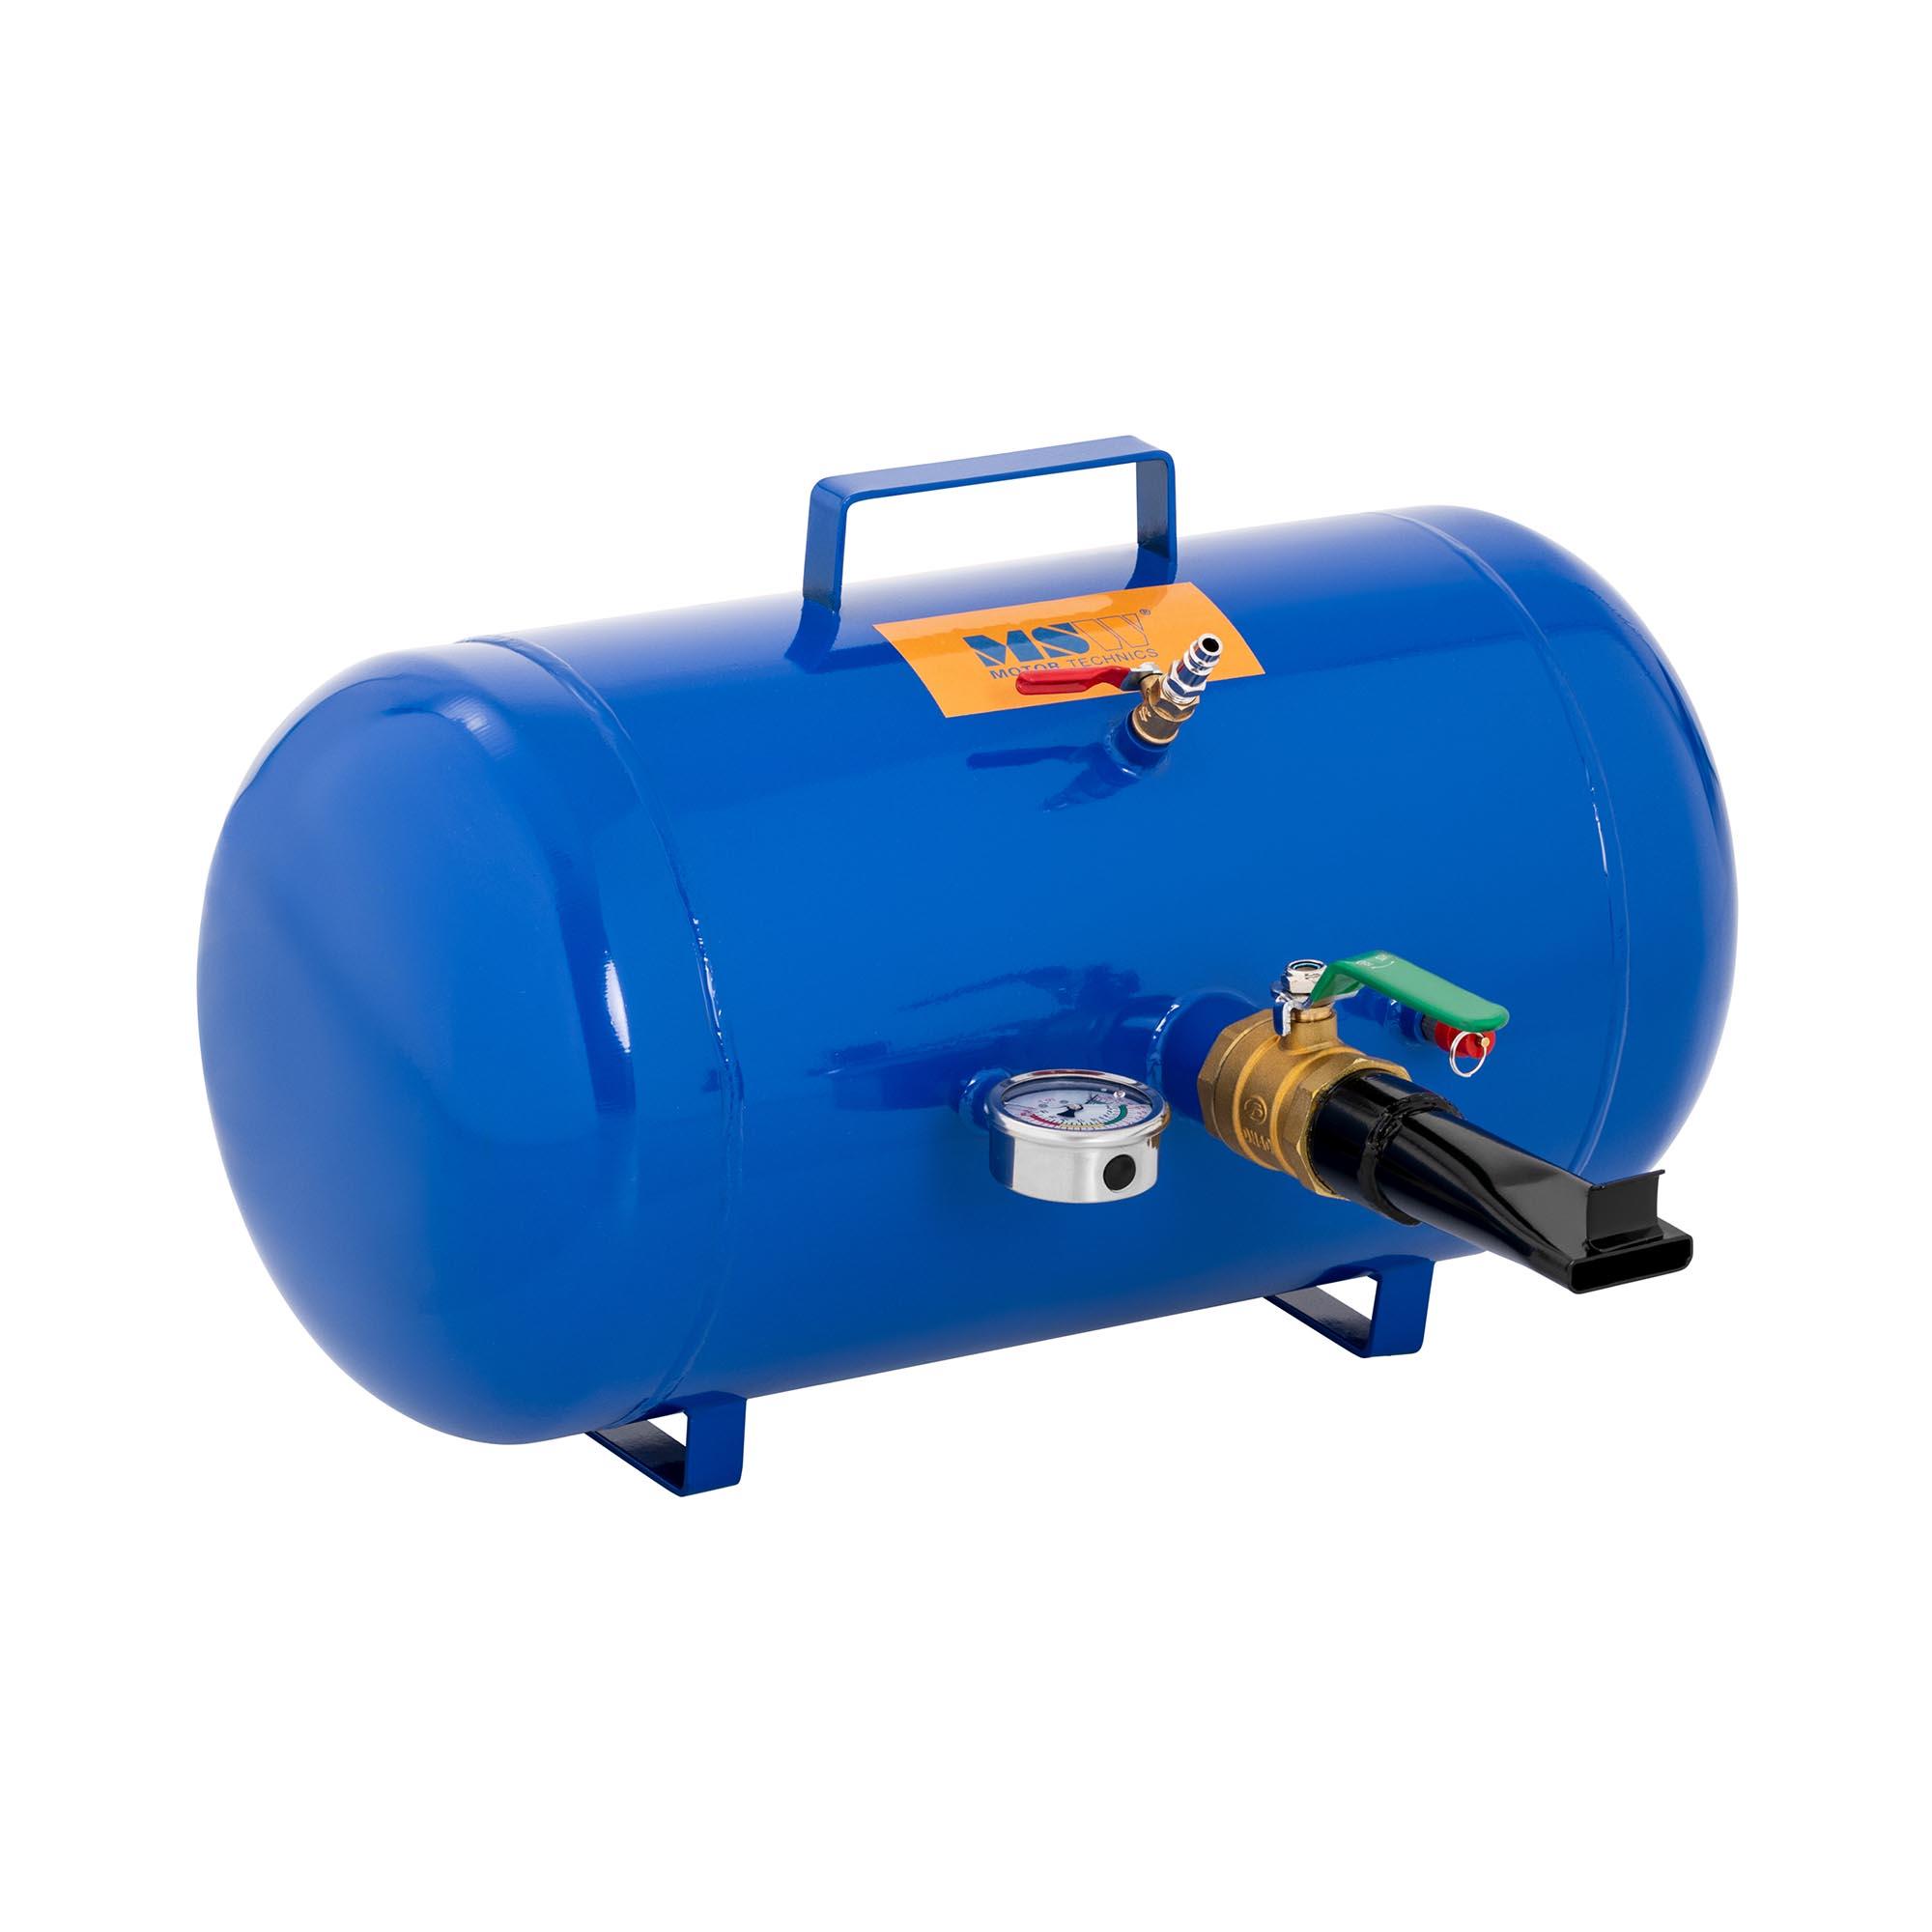 MSW Reifen Booster - 38,5 L - 6 bis 8 bar 10061158